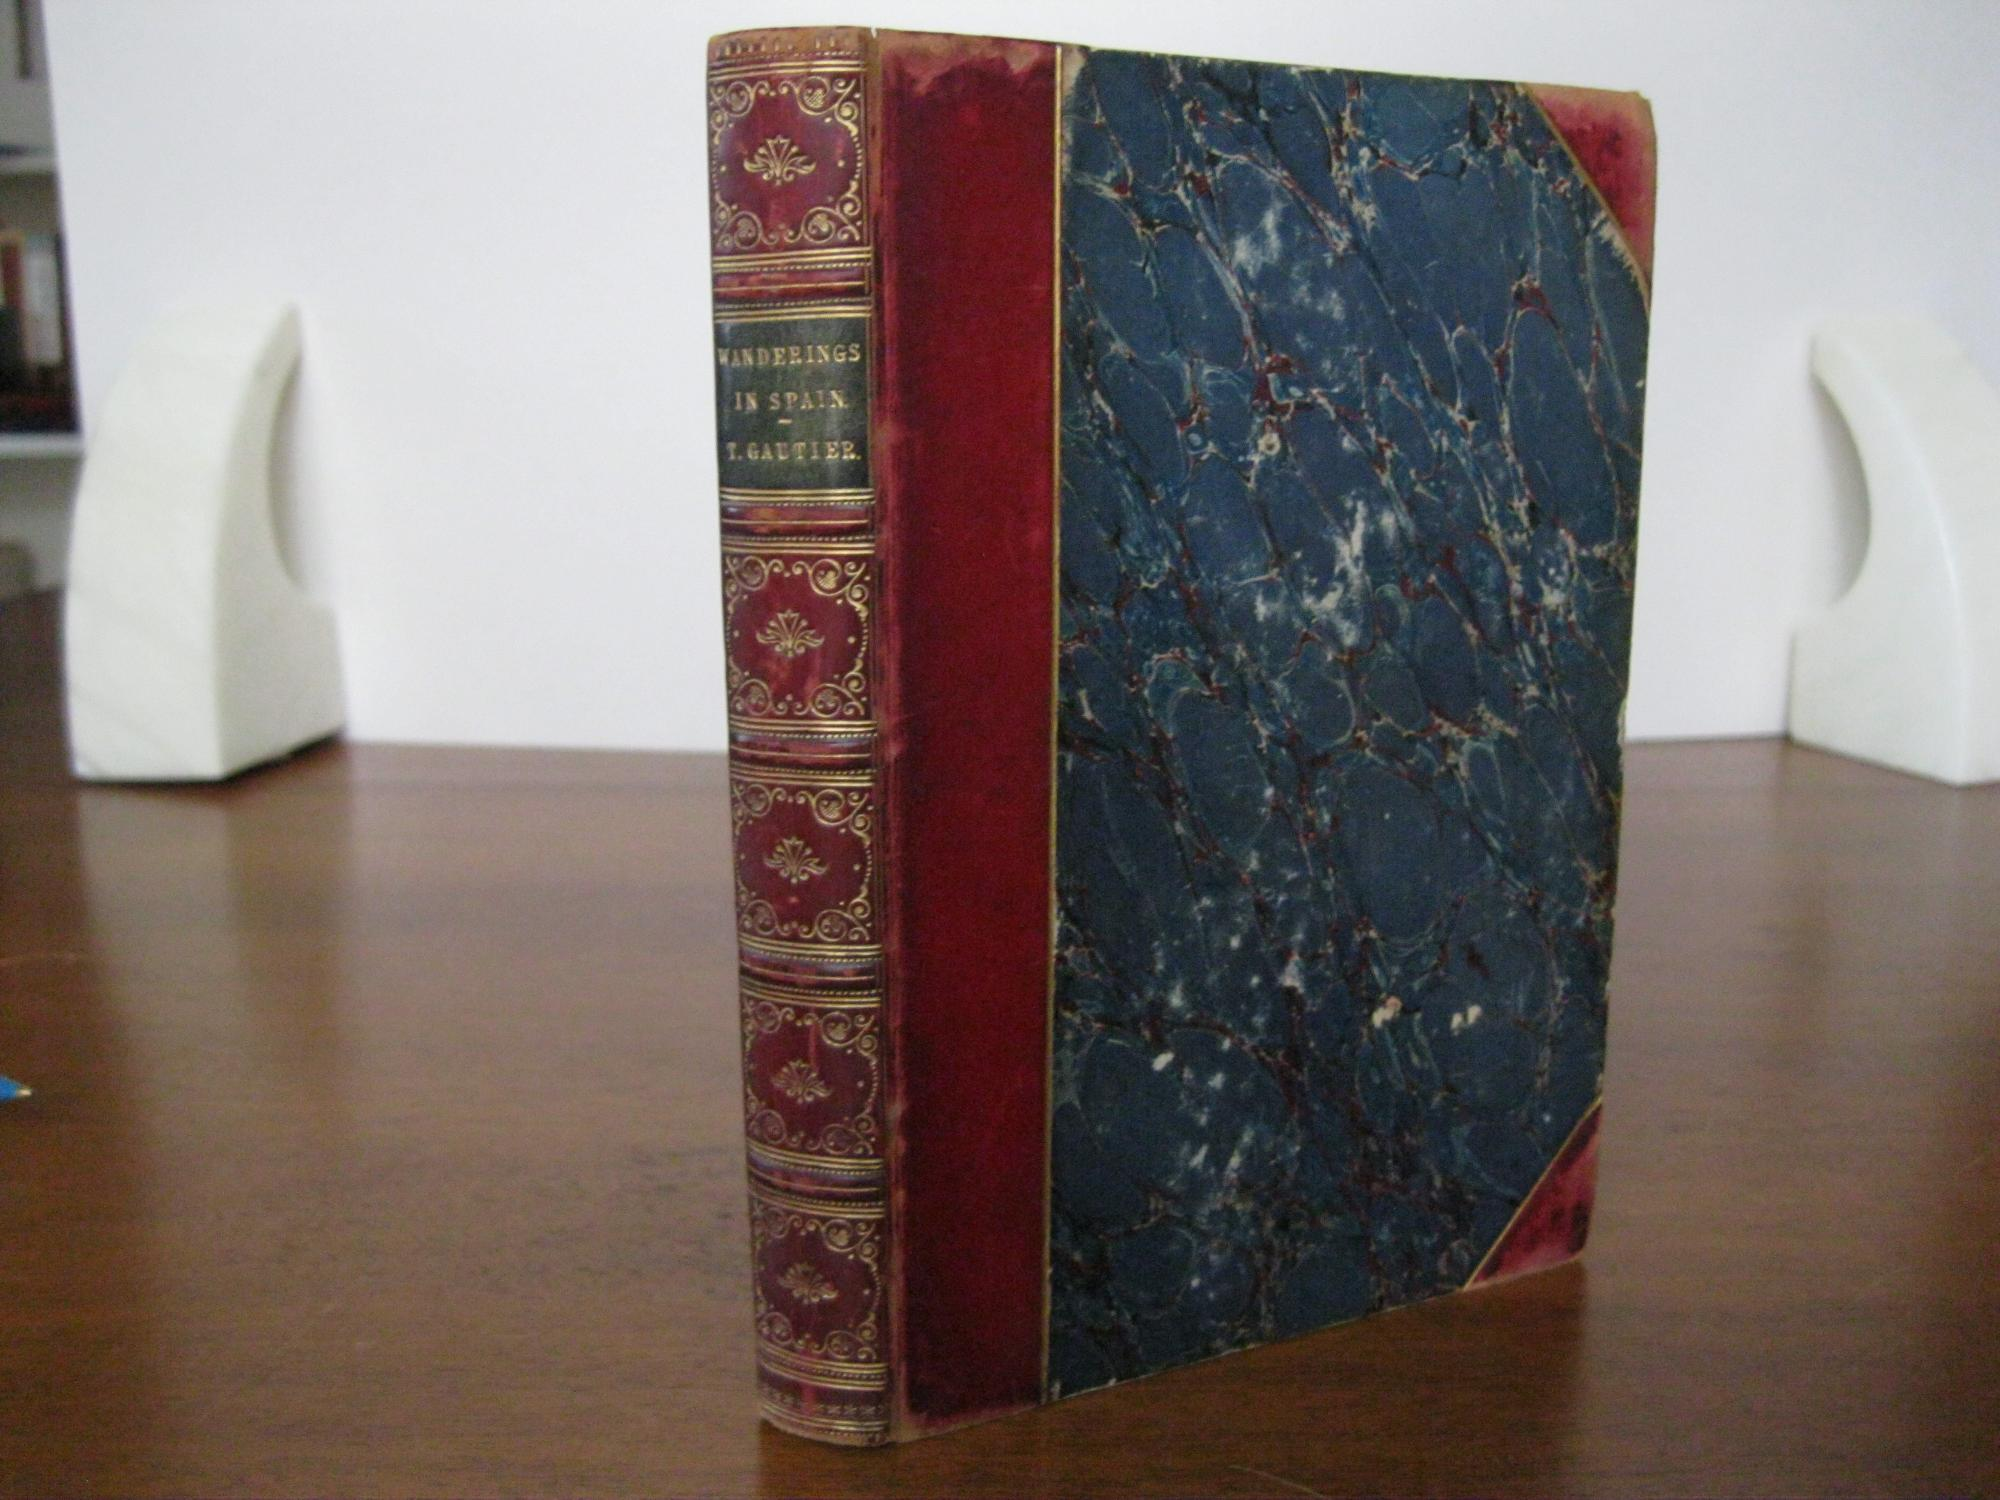 WANDERINGS_IN_SPAIN_GAUTIER_THEOPHILE_Very_Good_Hardcover